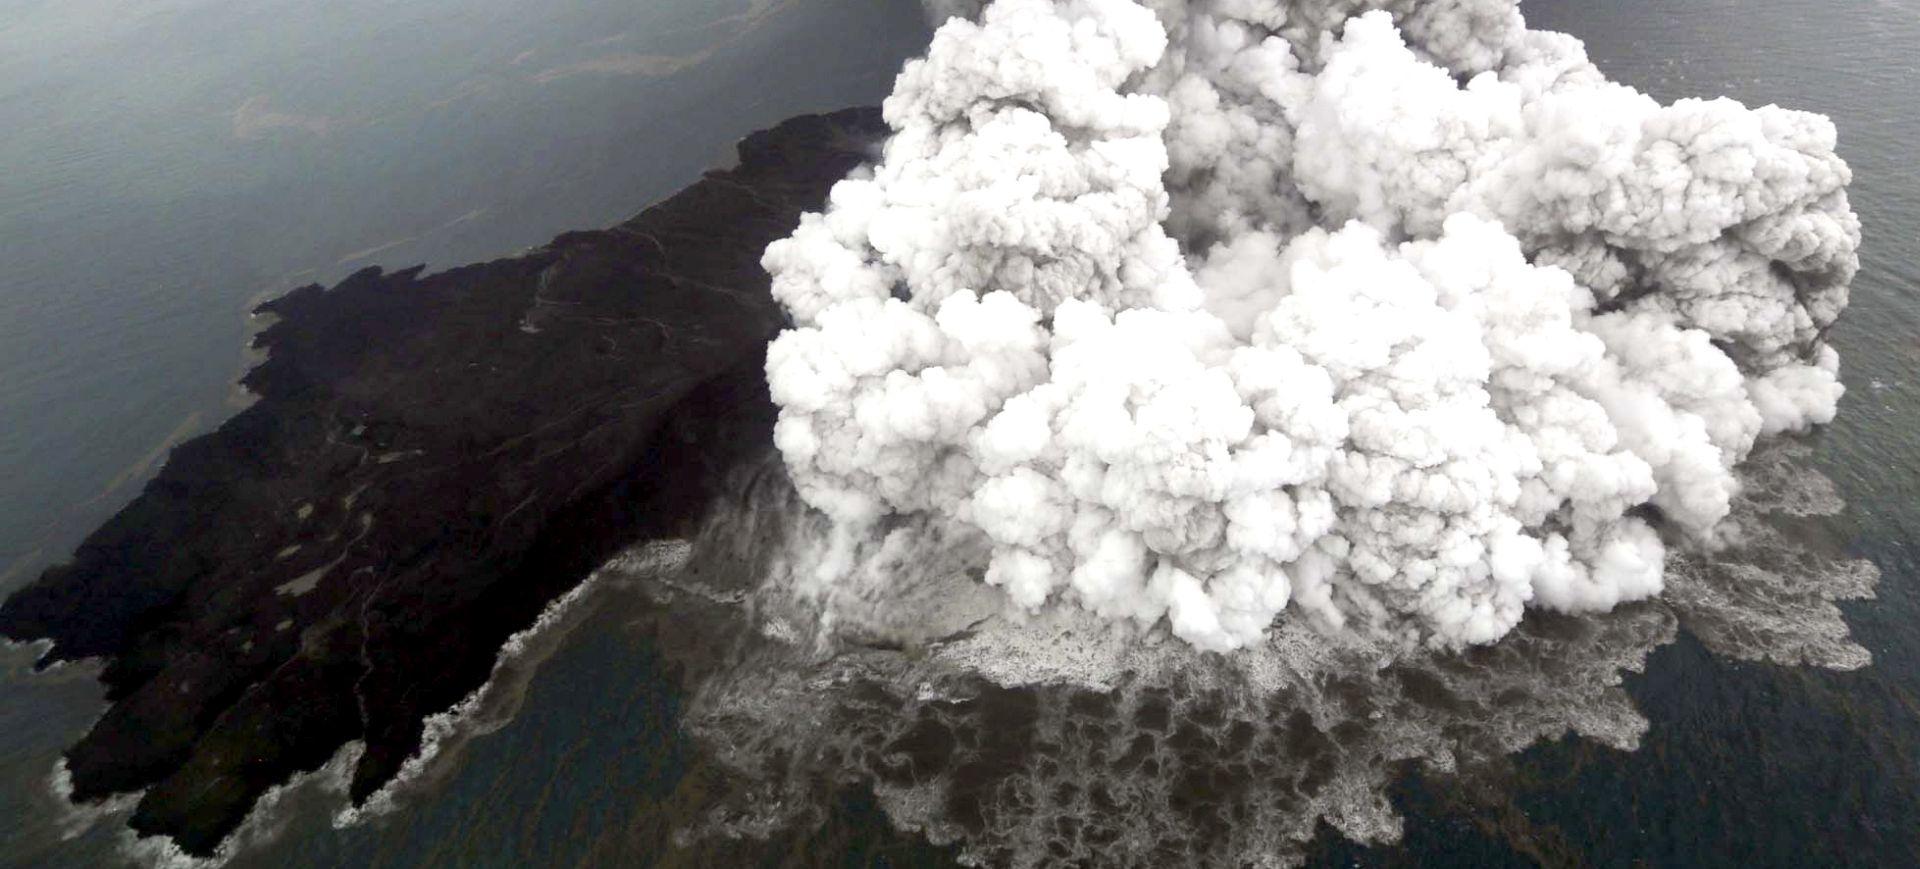 Broj poginulih u tsunamiju u Indoneziji porastao na 373